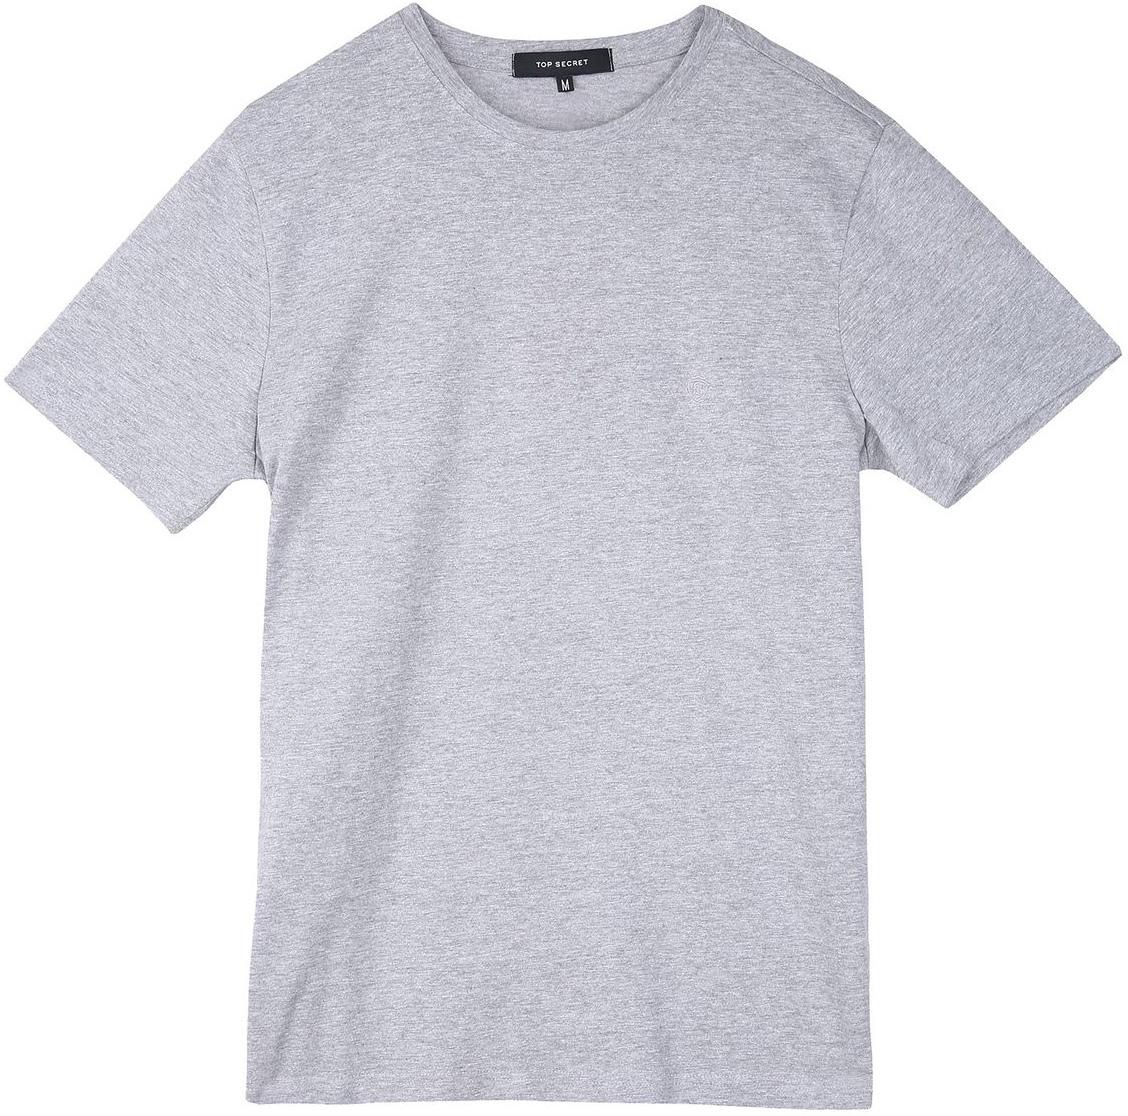 Футболка мужская Top Secret, цвет: серый. SPO3133SZ. Размер XL (52)SPO3133SZФутболка мужская Top Secret выполнена из 100% хлопка. Модель с круглым вырезом горловины и короткими рукавами.